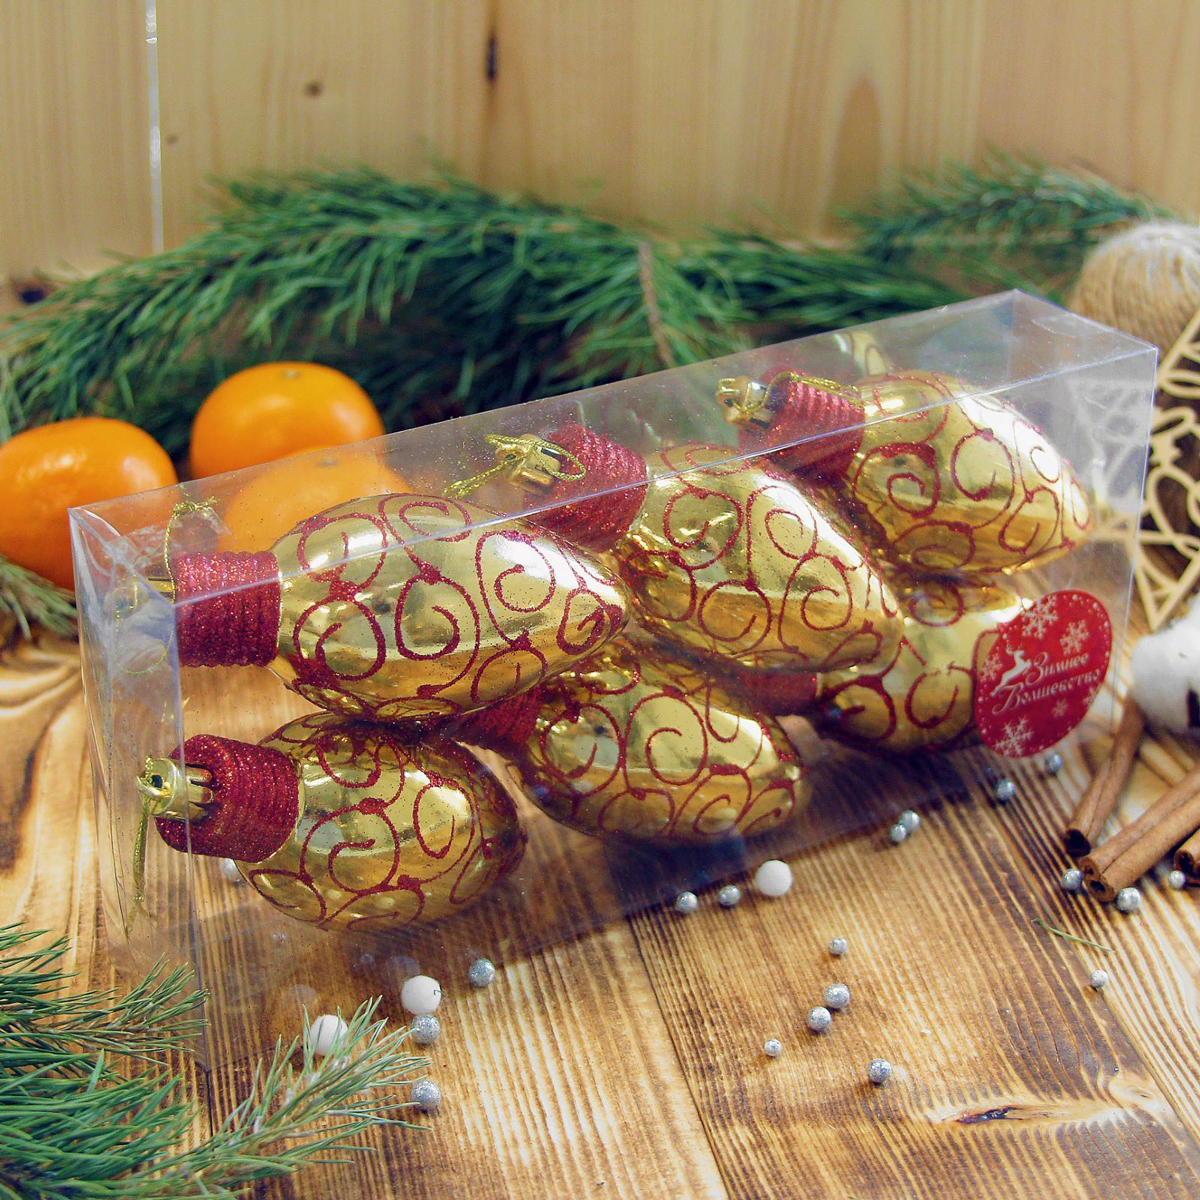 Набор новогодних подвесных украшений Лампочка с красным узором, 5 х 9 см, 6 шт2372123Набор новогодних подвесных украшений отлично подойдет для декорации вашего дома и новогодней ели. С помощью специальной петельки украшение можно повесить в любом понравившемся вам месте. Но, конечно, удачнее всего оно будет смотреться на праздничной елке.Елочная игрушка - символ Нового года. Она несет в себе волшебство и красоту праздника. Такое украшение создаст в вашем доме атмосферу праздника, веселья и радости.